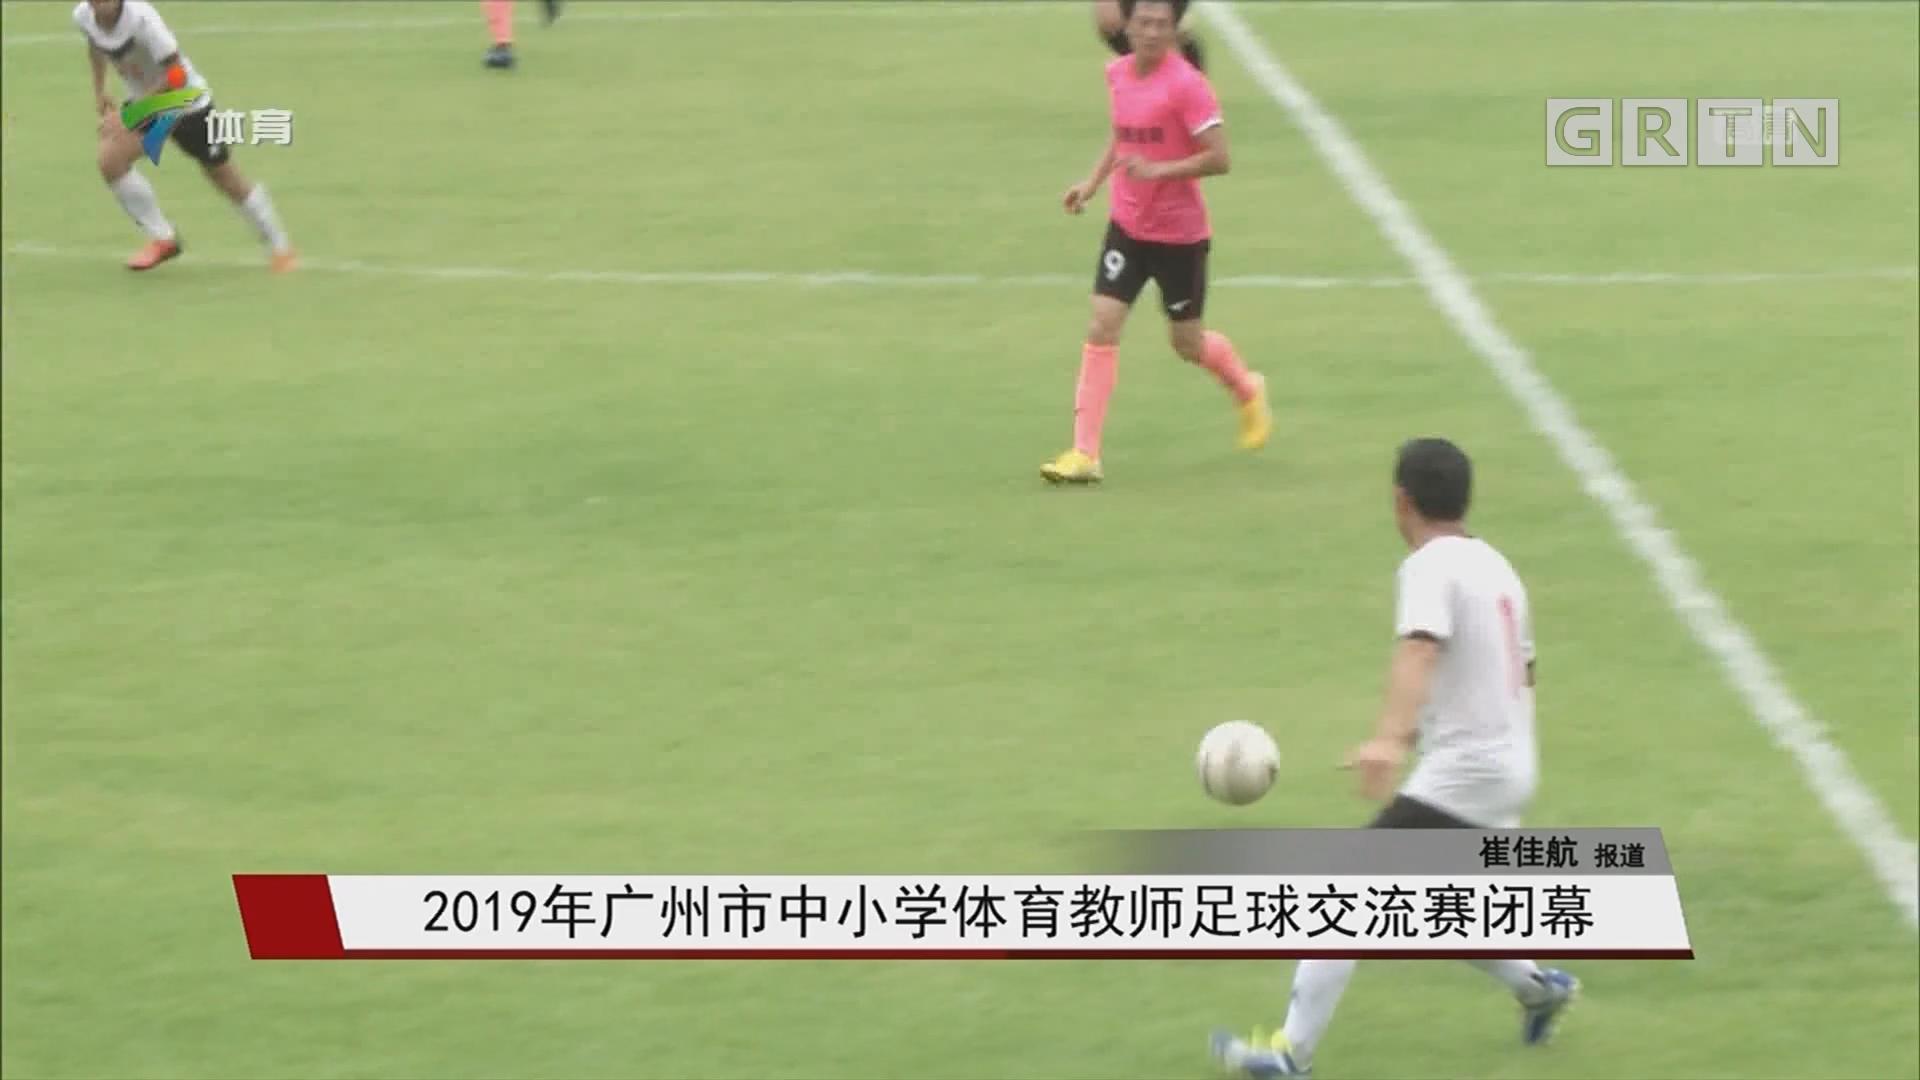 2019年广州市中小学体育教师足球交流赛闭幕